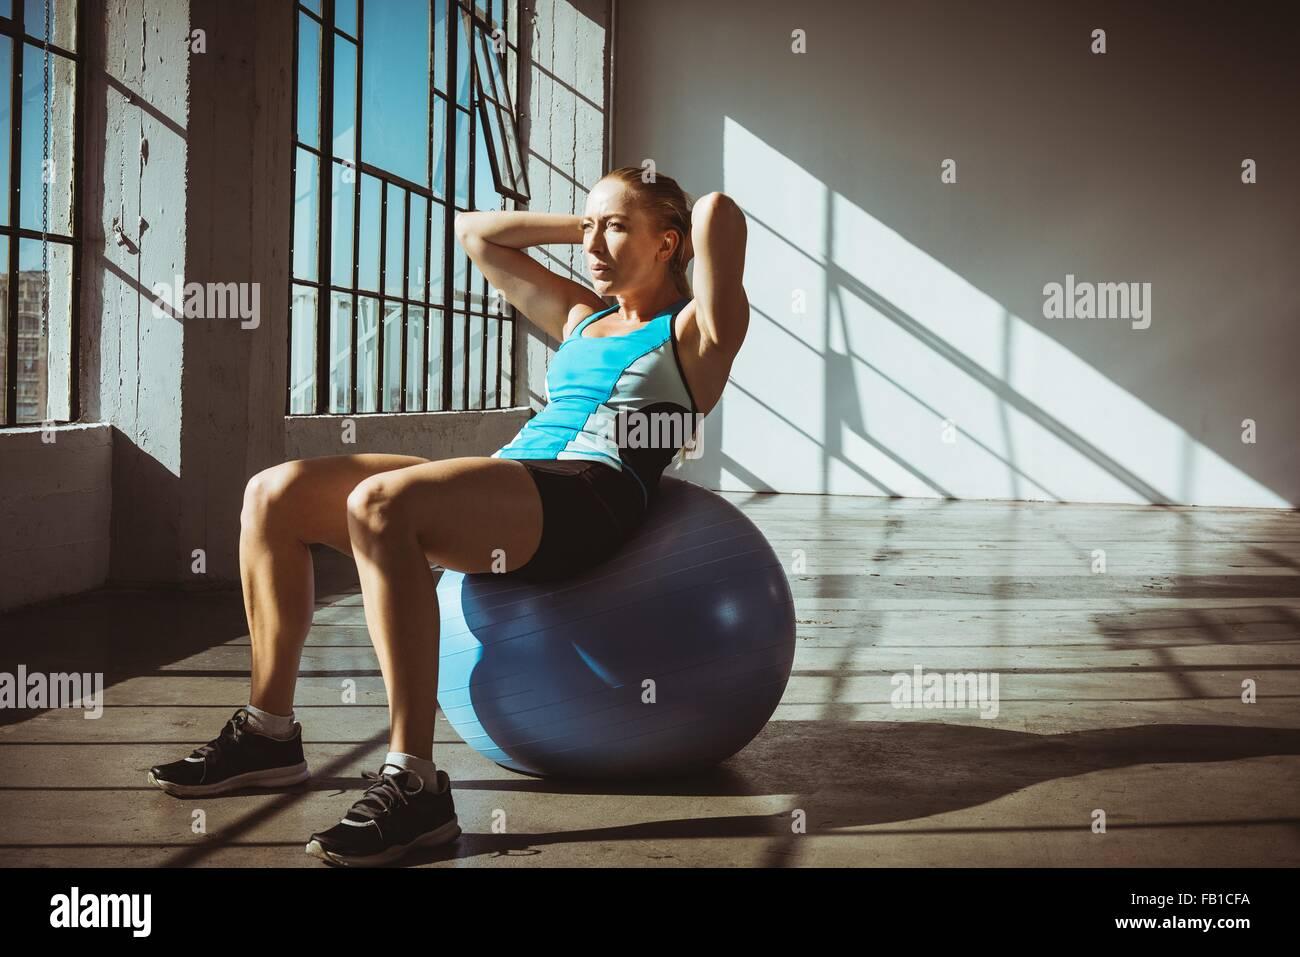 Young woman in gym assise sur boule d'exercice les mains derrière la tête, à l'écart Photo Stock